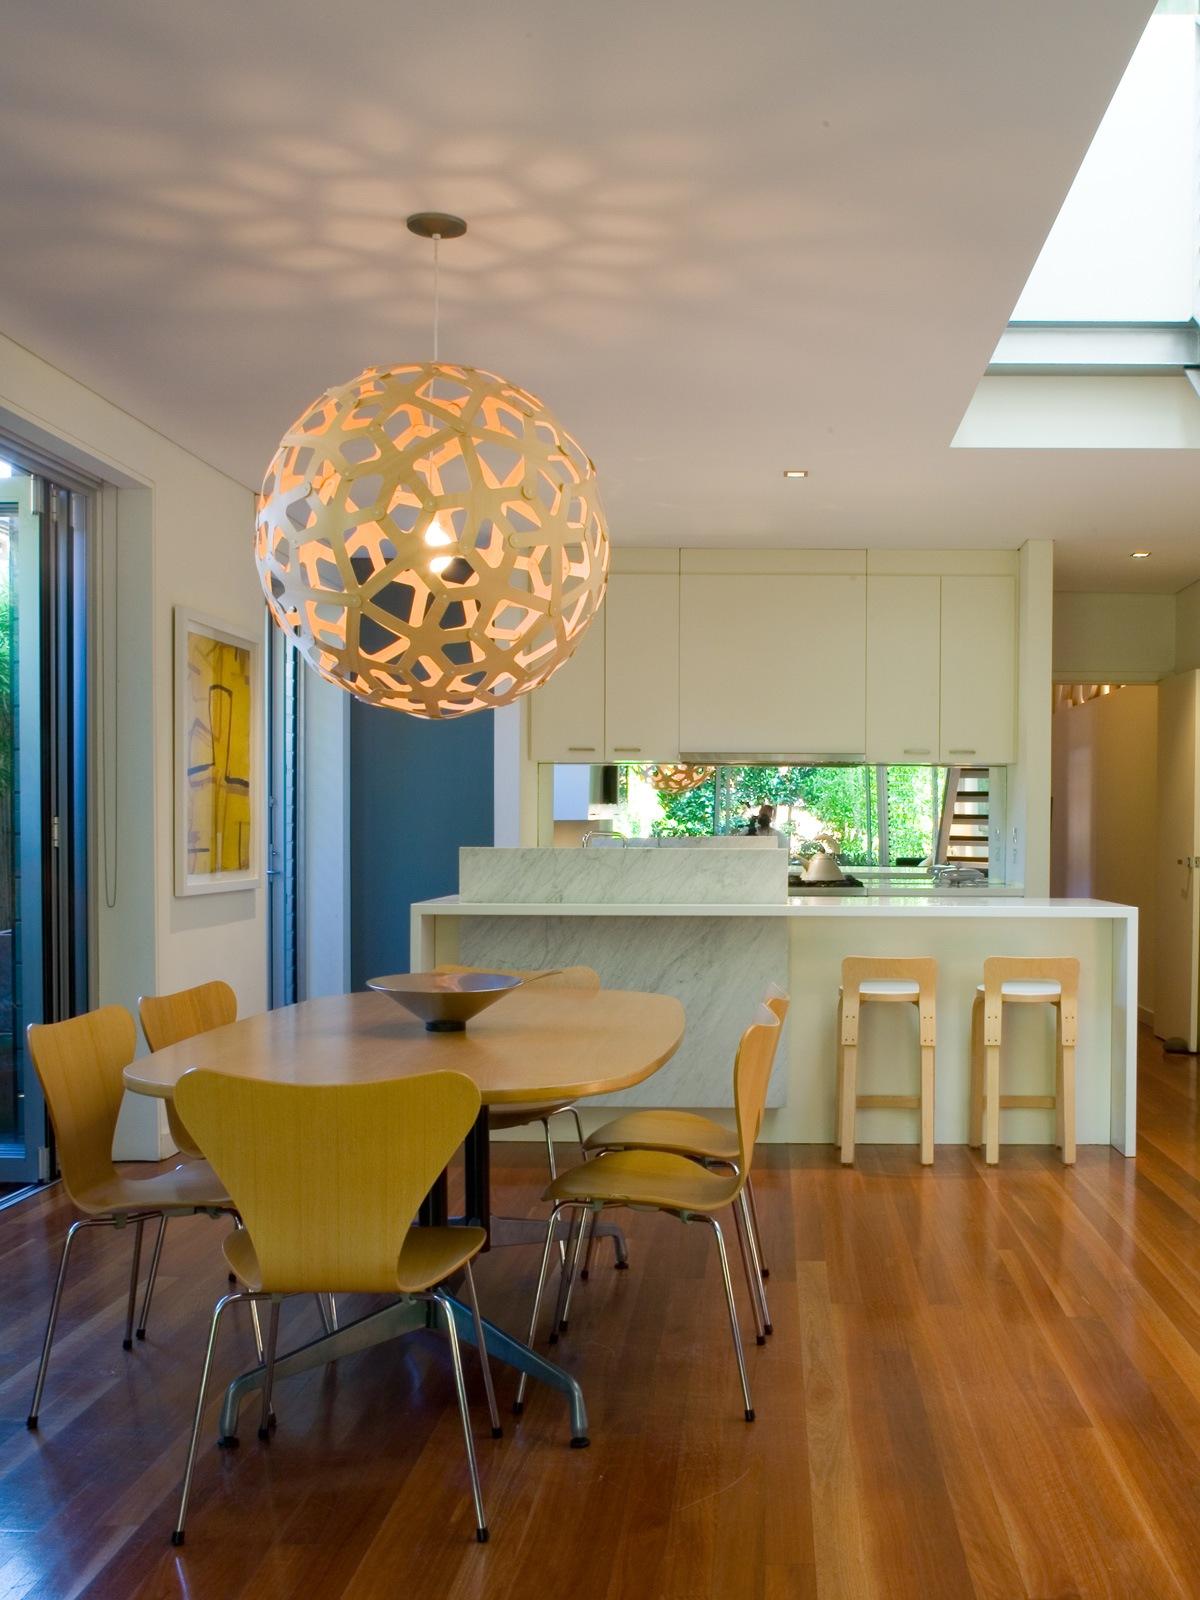 DesignOrt Blog: Coral Pendelleuchte David Trubridge Designort Berlin Onlineshop